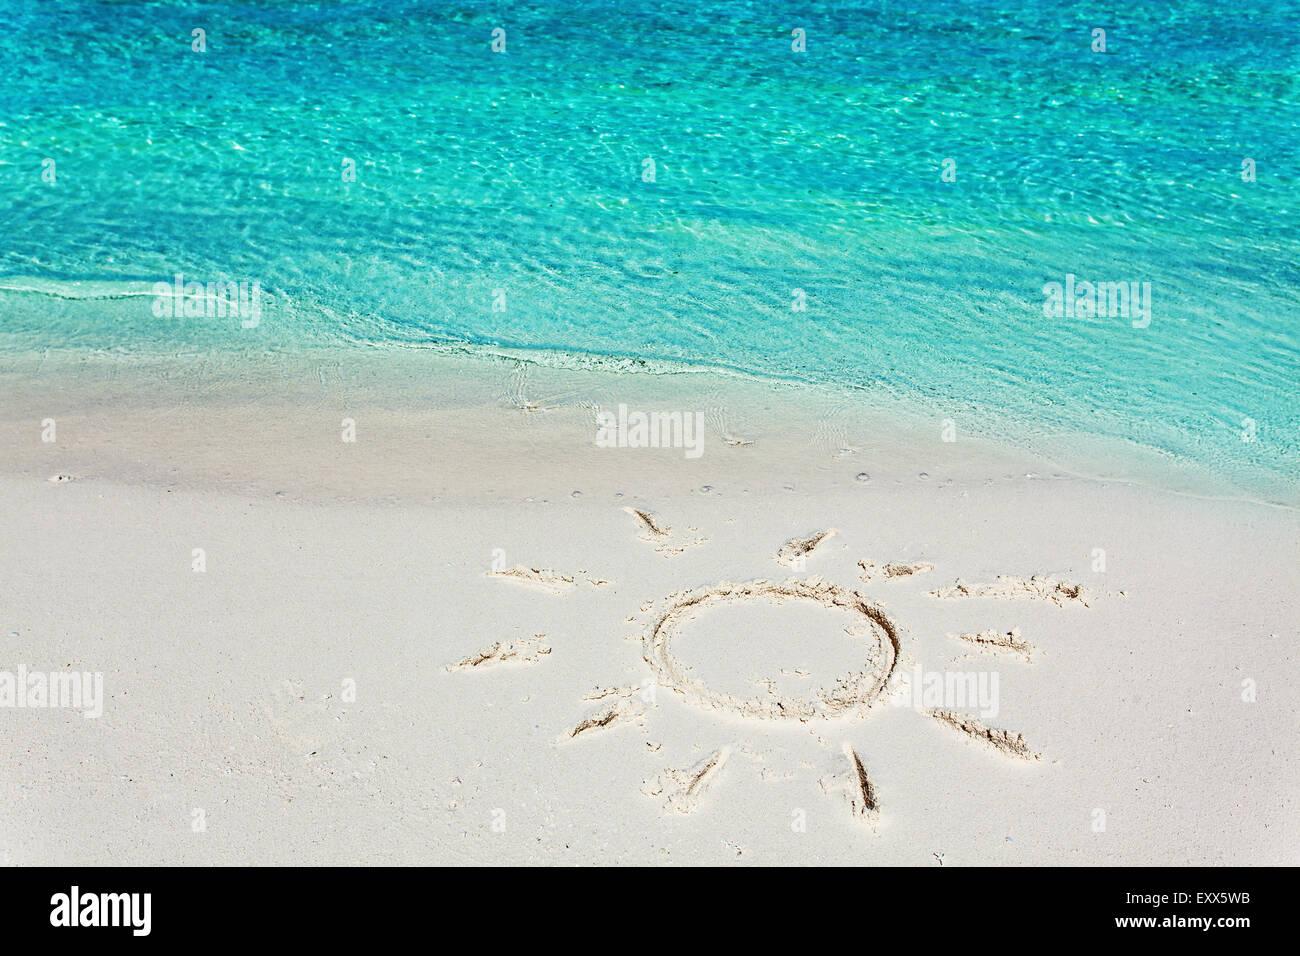 Ein Bild der Sonne in den Sand am tropischen Strand Stockbild